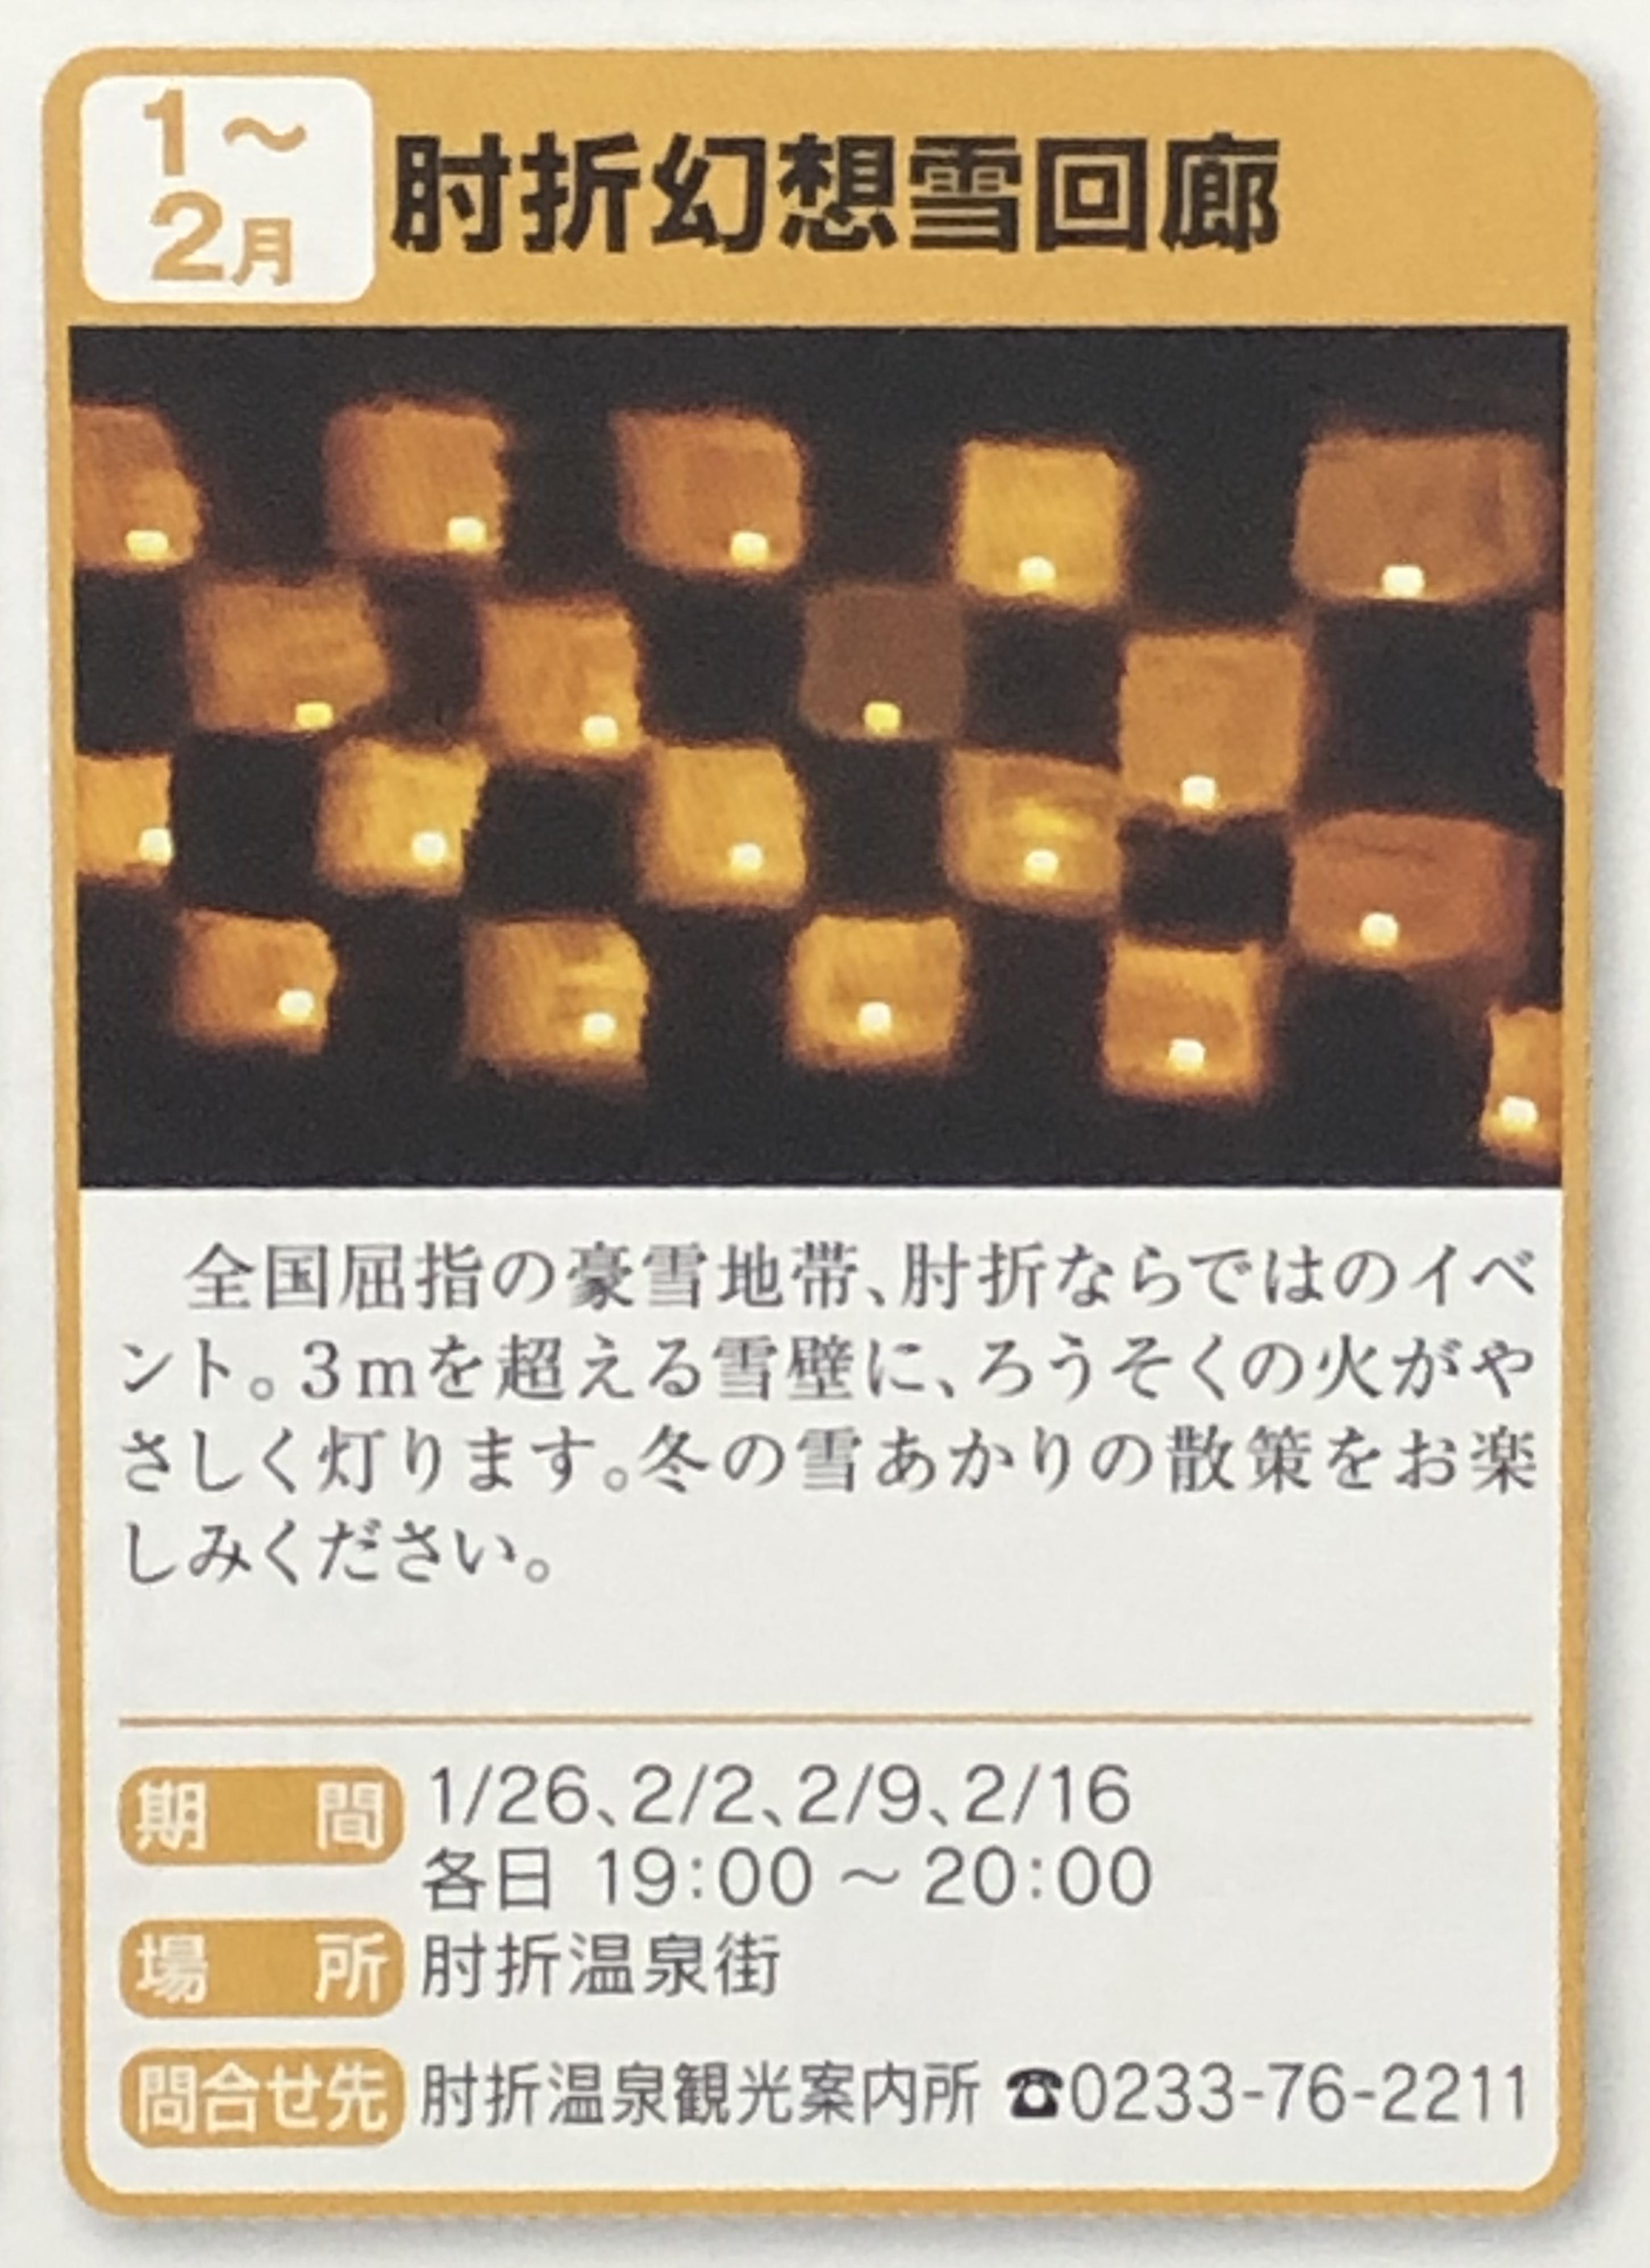 9DC7F62F-FAB5-4504-9328-34F7916BD7BF.jpeg